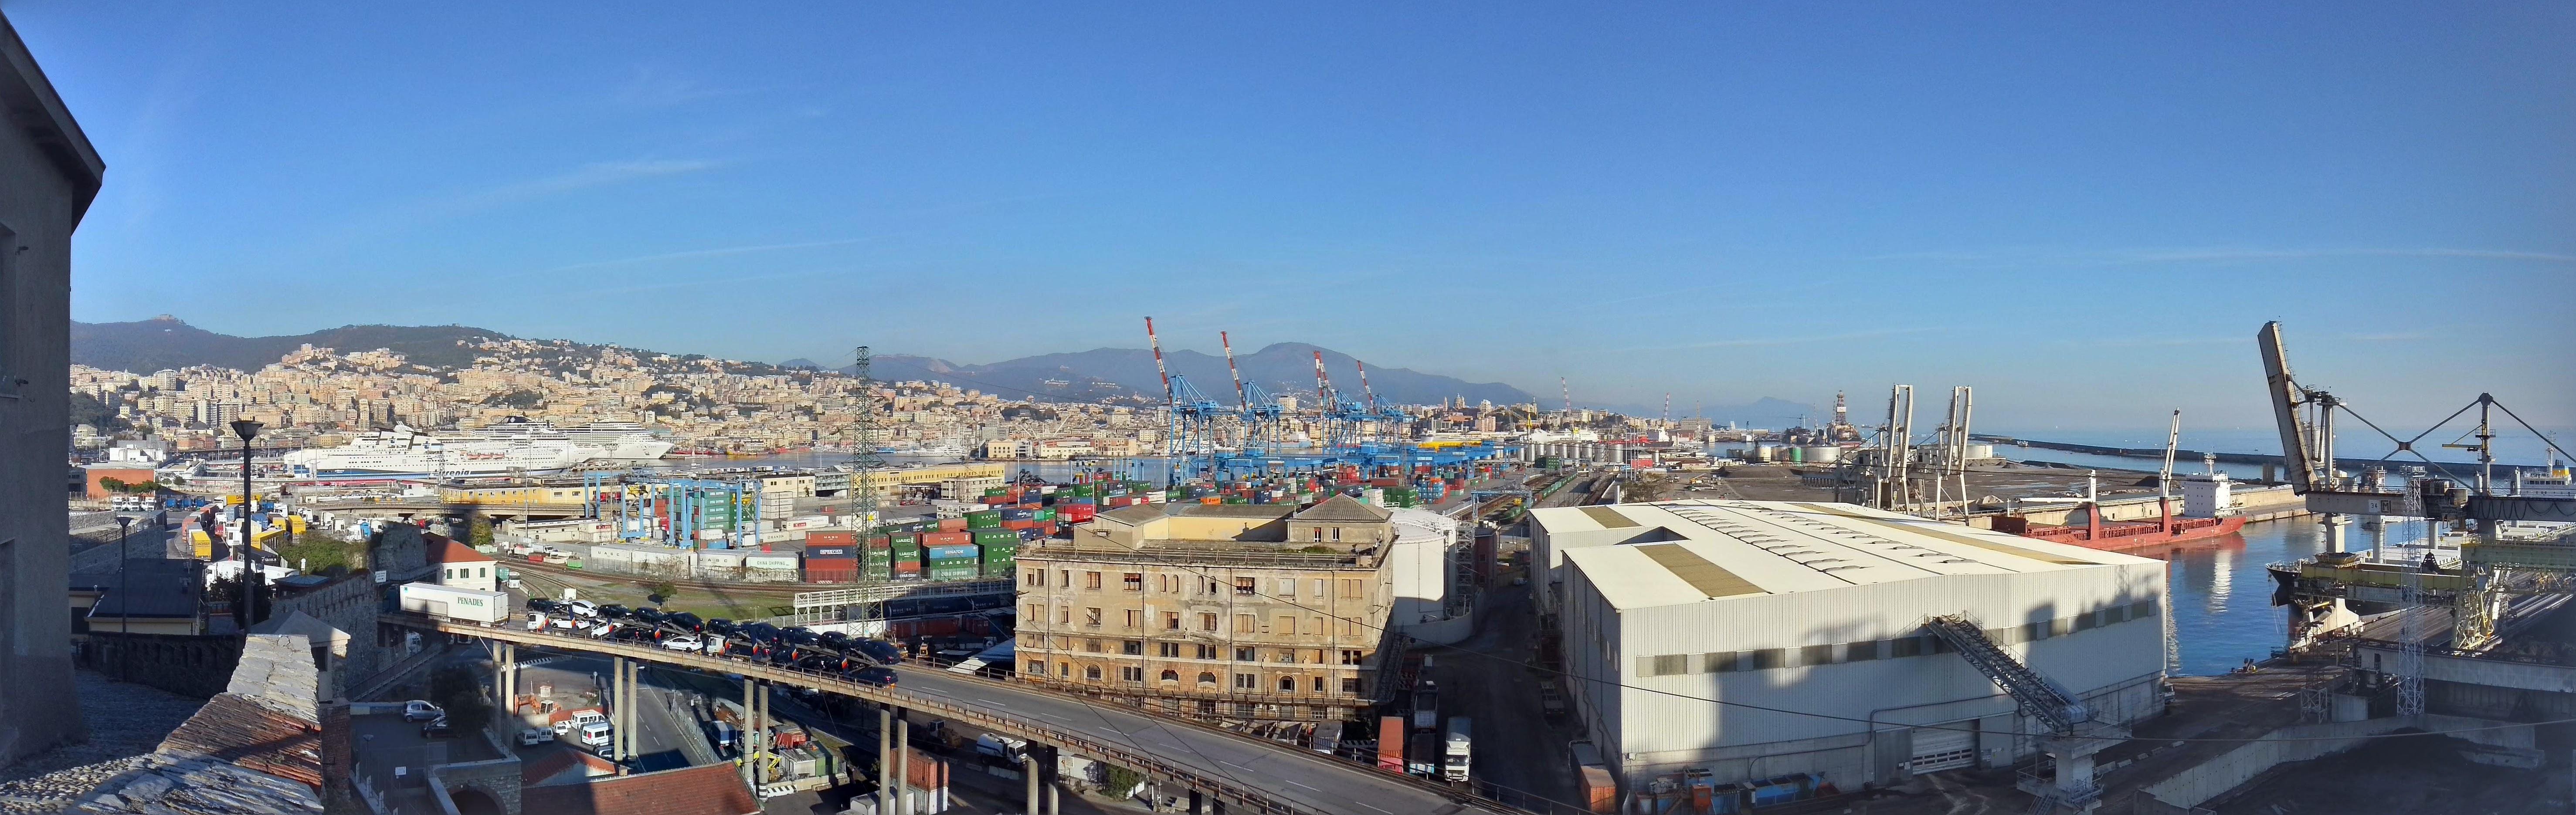 Панорама порта Генуи